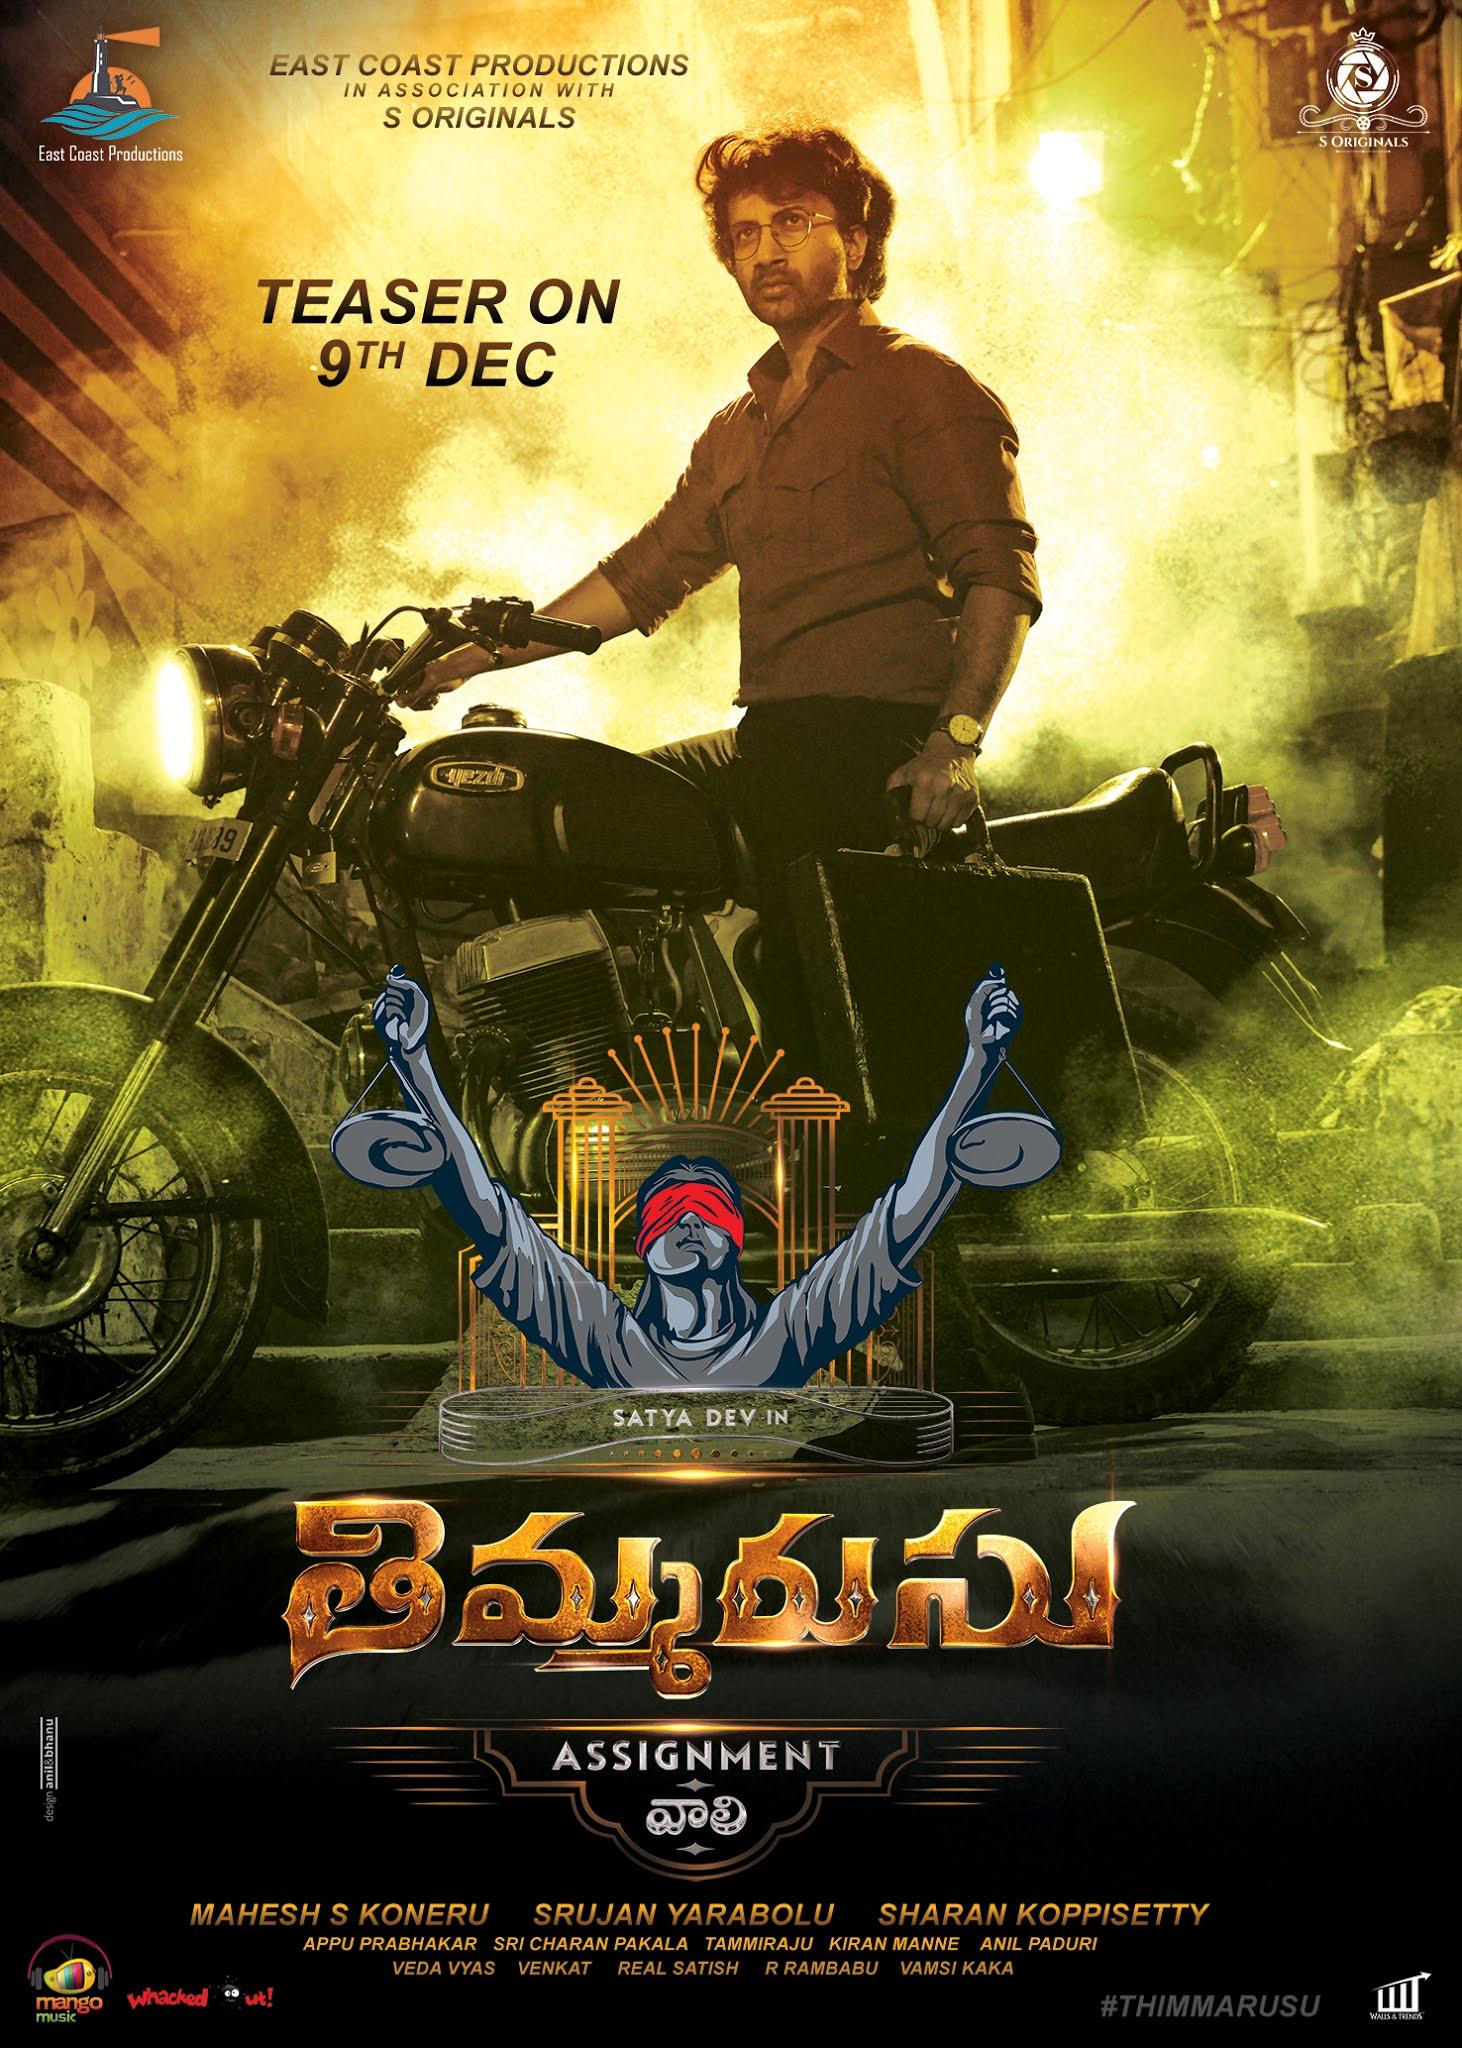 rspnetwork.in: First Look of Satyadev's 'Thimmarusu' released